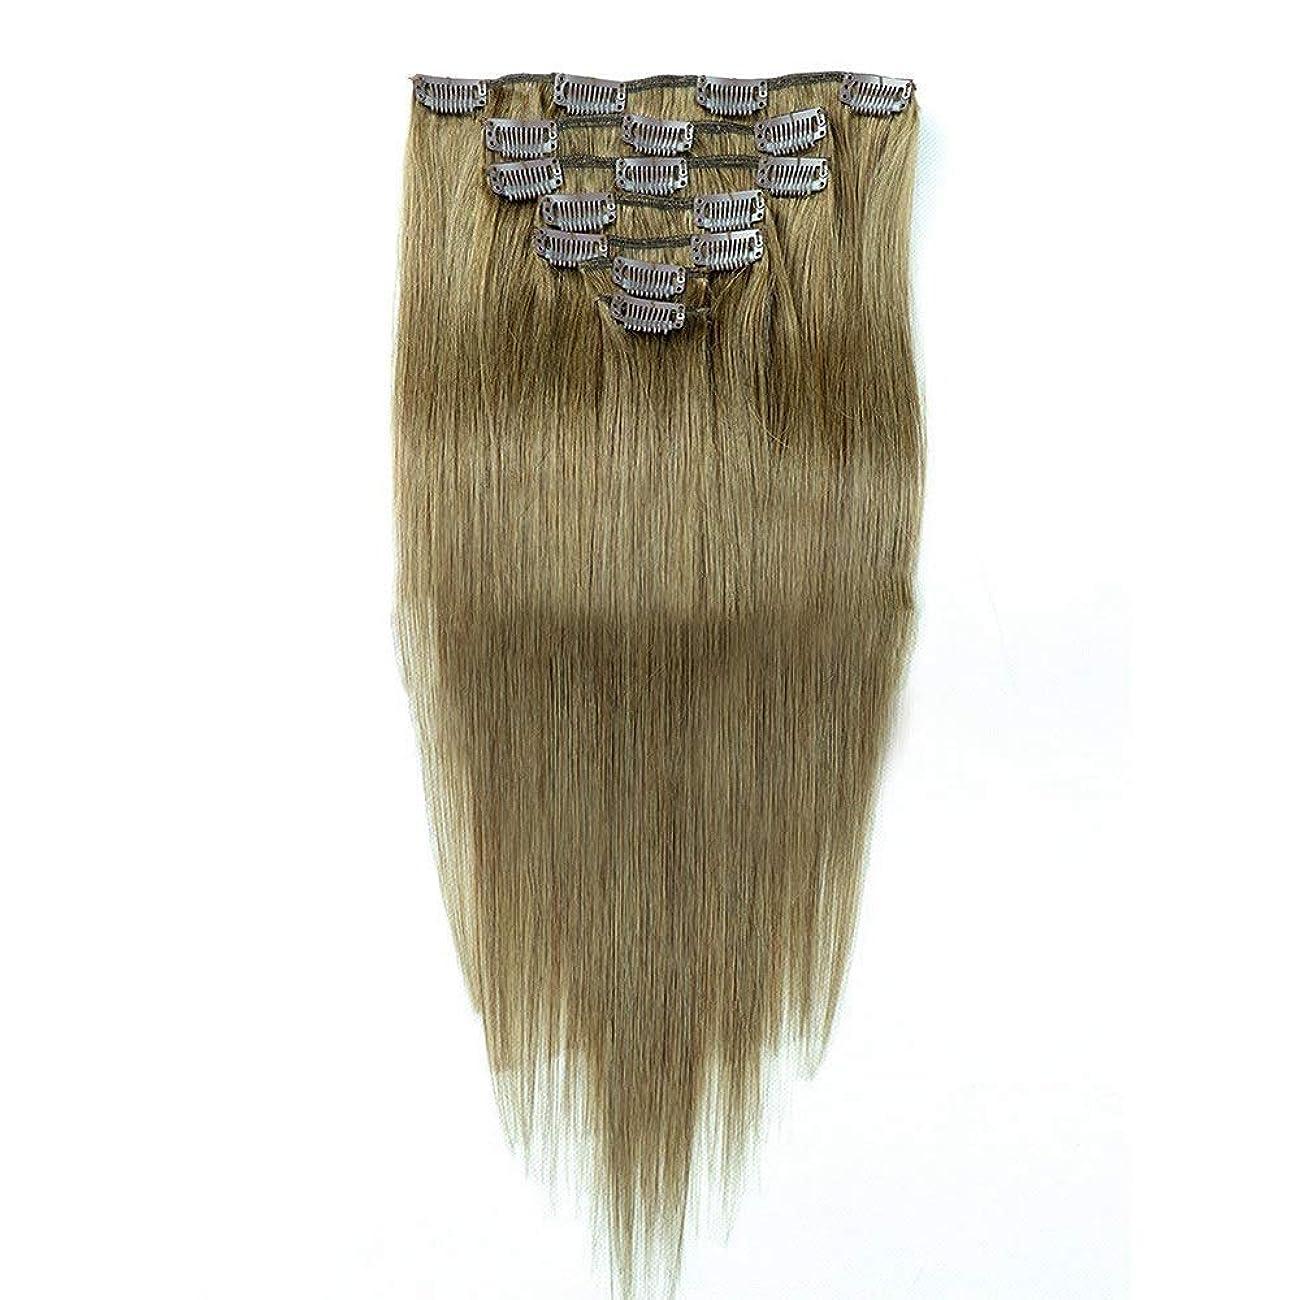 ラッドヤードキップリング他の日探偵HOHYLLYA 自然な女性のためのヘアエクステンション20インチリアルヒューマンヘアクリップ(7個、20インチ、70g)ファッションウィッグ (色 : #8)